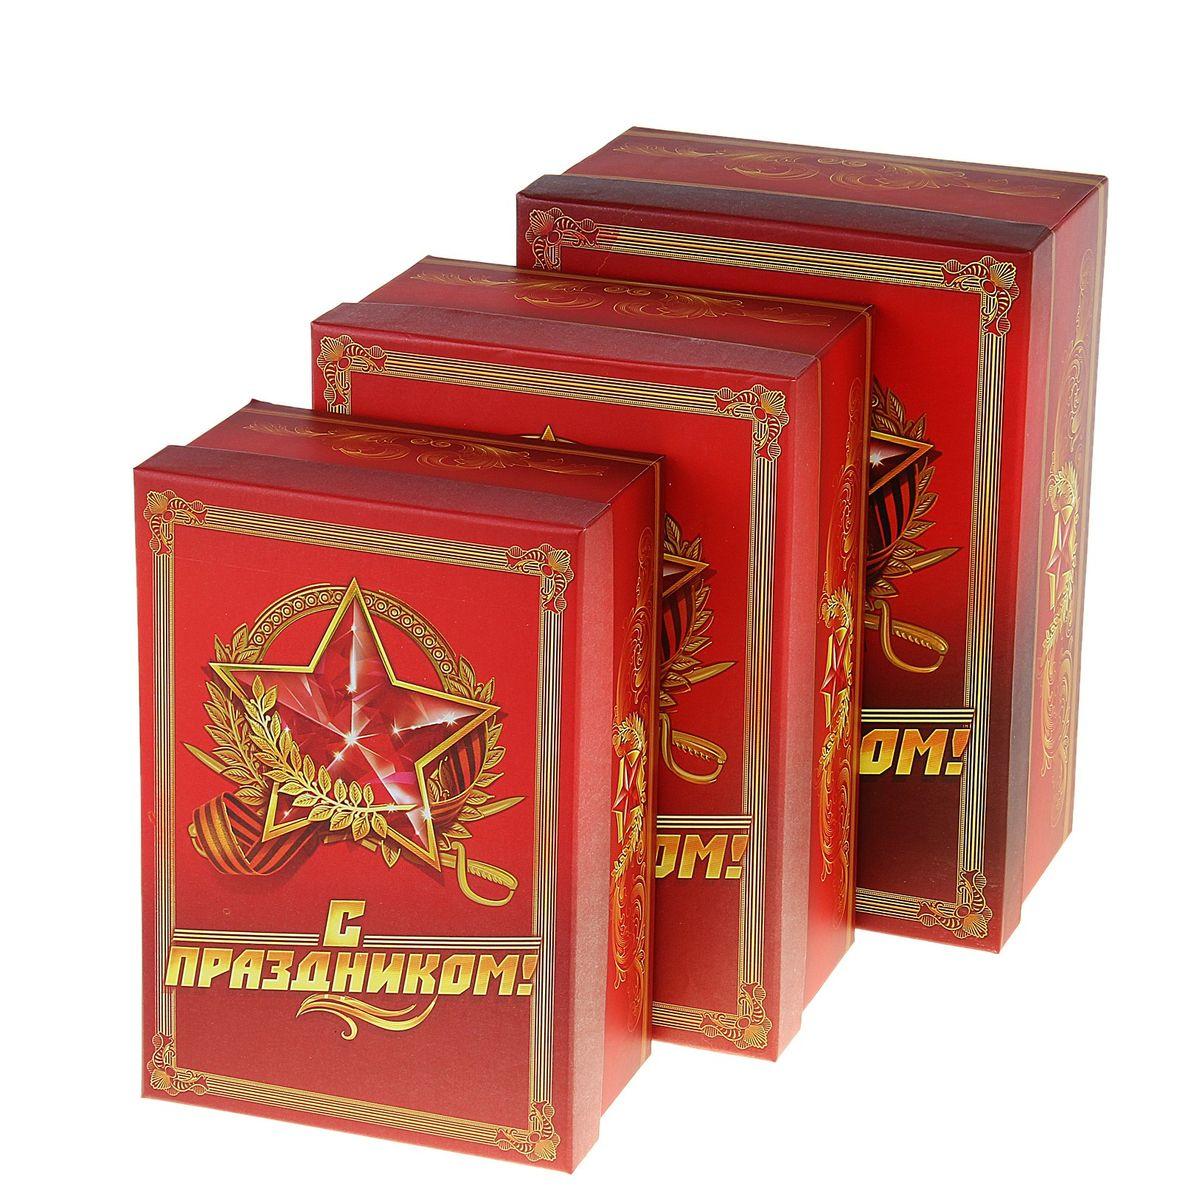 Набор подарочных коробок Sima-land С праздником!, 3 штRSP-202SНабор Sima-land С праздником! состоит из 3 подарочных коробок разного размера, выполненных из плотного картона. Крышка оформлена ярким изображением и надписью С праздником!.Подарочная коробка - это наилучшее решение, если вы хотите порадовать вашихблизких и создать праздничное настроение, ведь подарок, преподнесенный воригинальной упаковке, всегда будет самым эффектным и запоминающимся.Окружите близких людей вниманием и заботой, вручив презент в нарядном,праздничном оформлении. Размер большой коробки: 17,5 см х 24,5 см х 10,5 см.Размер средней коробки: 16 см х 23 см х 9,5 см.Размер маленькой коробки: 14,5 см х 21 см х 8,5 см.